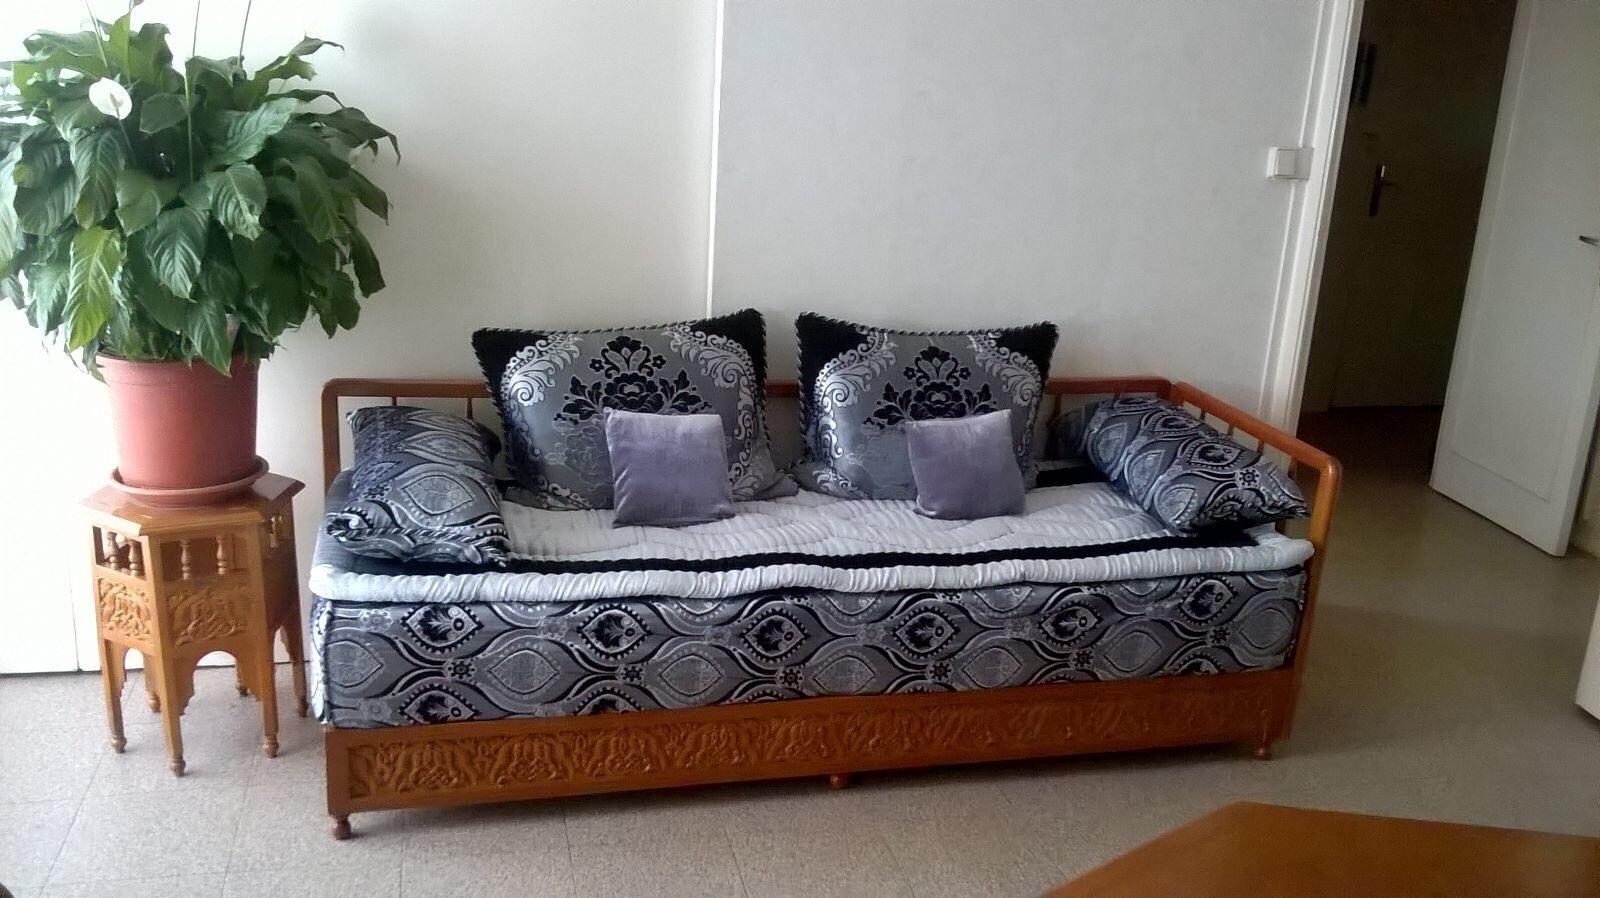 Achetez salon marocain occasion, annonce vente à Lyon (69) WB155978653